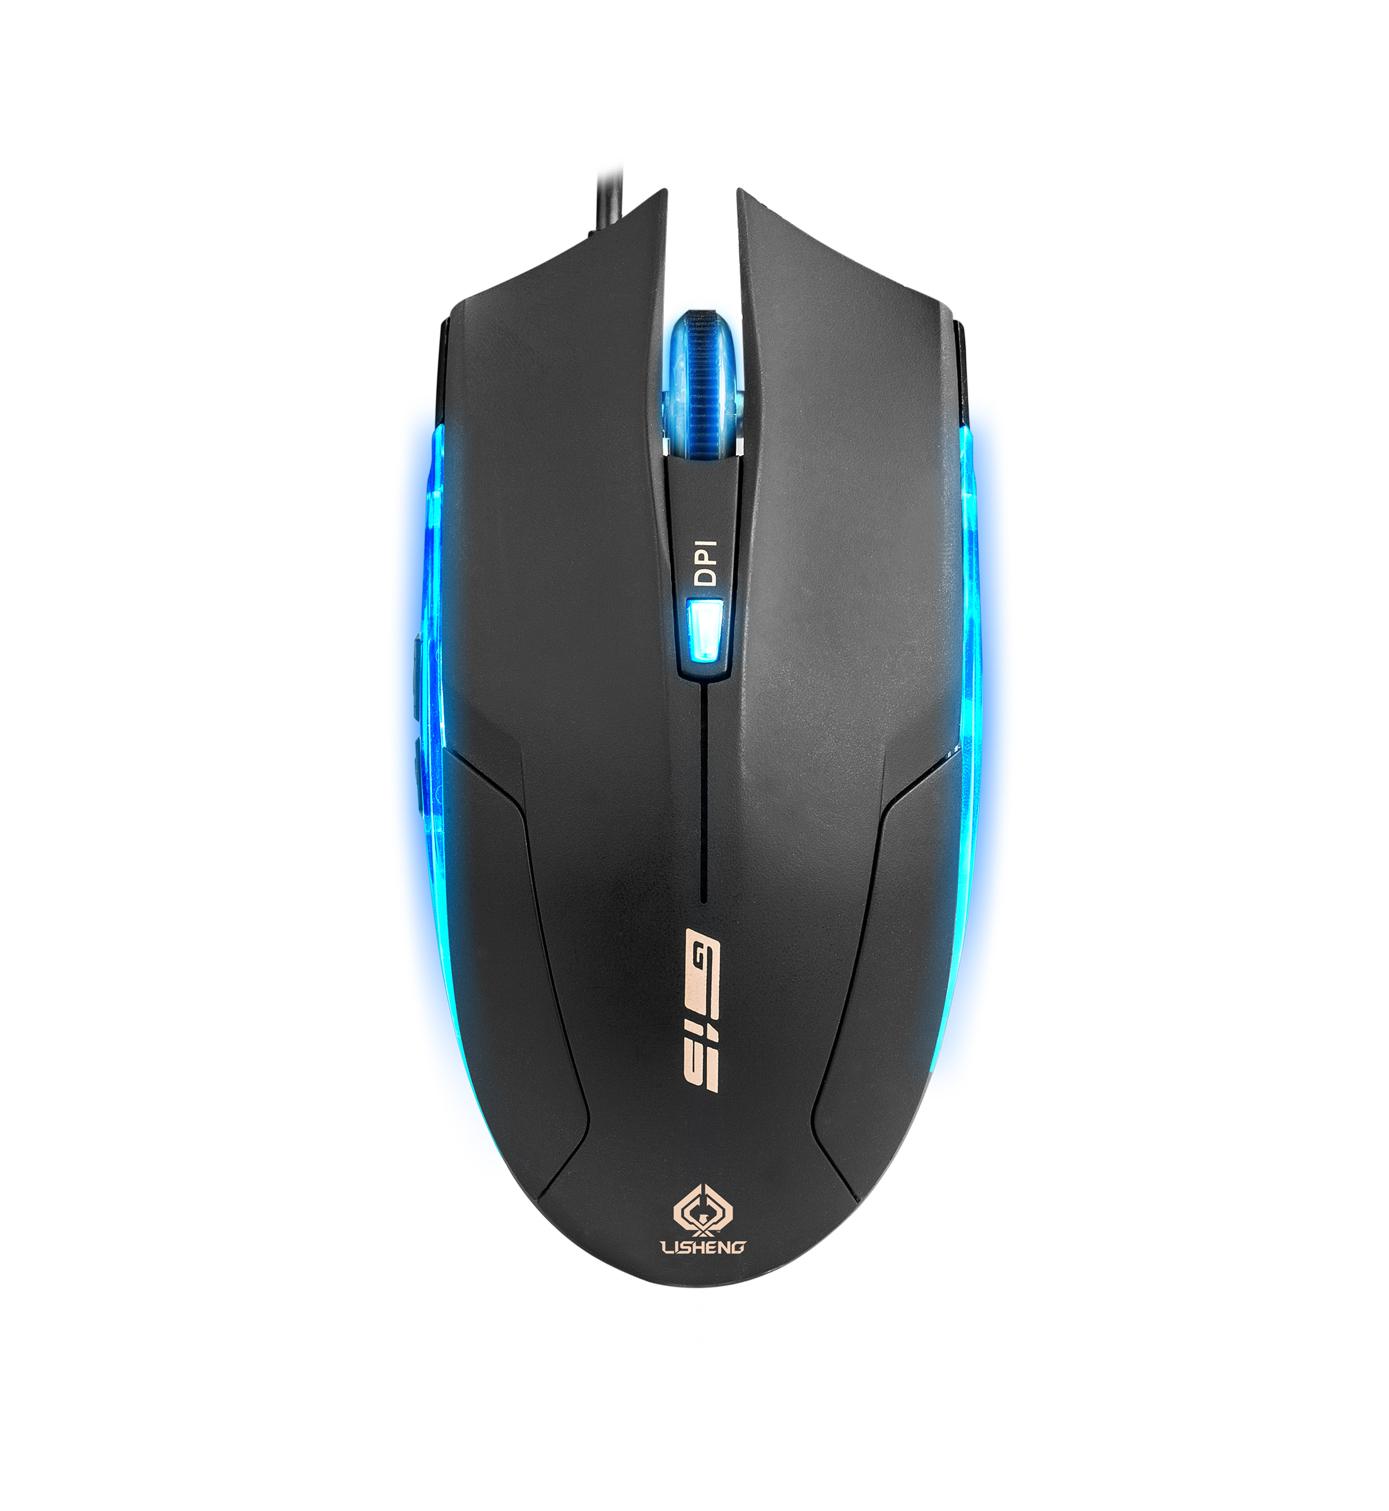 力勝G15 滑鼠 CF LOL 有線游戲滑鼠 筆記本usb電腦 電競送滑鼠墊